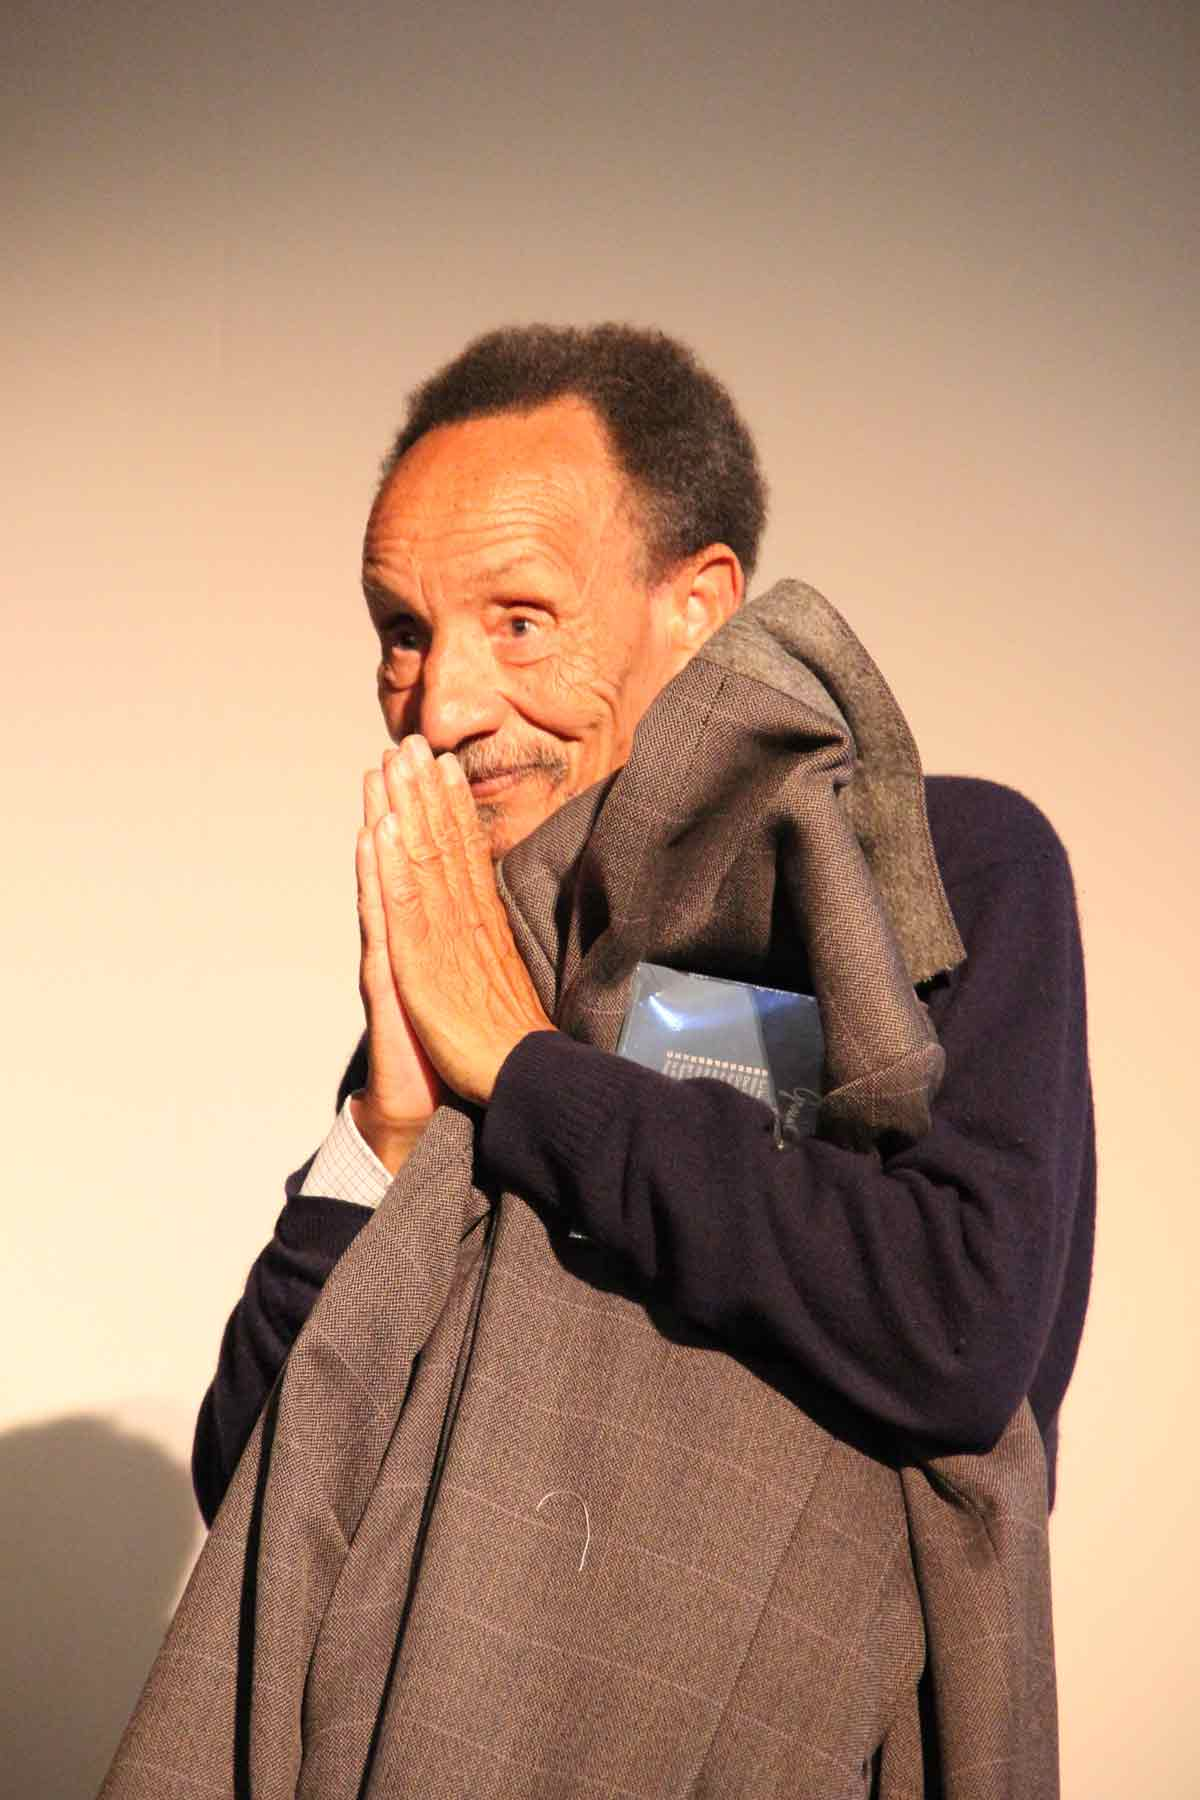 피에르 라비 우리의 정신적 지주인 피에르 라비가 옆동네에 컨페런스로 왔을 때, 그린우이 회원들과 함께 찾아갔다. 그 날 400석의 영화관이 만석이었다.